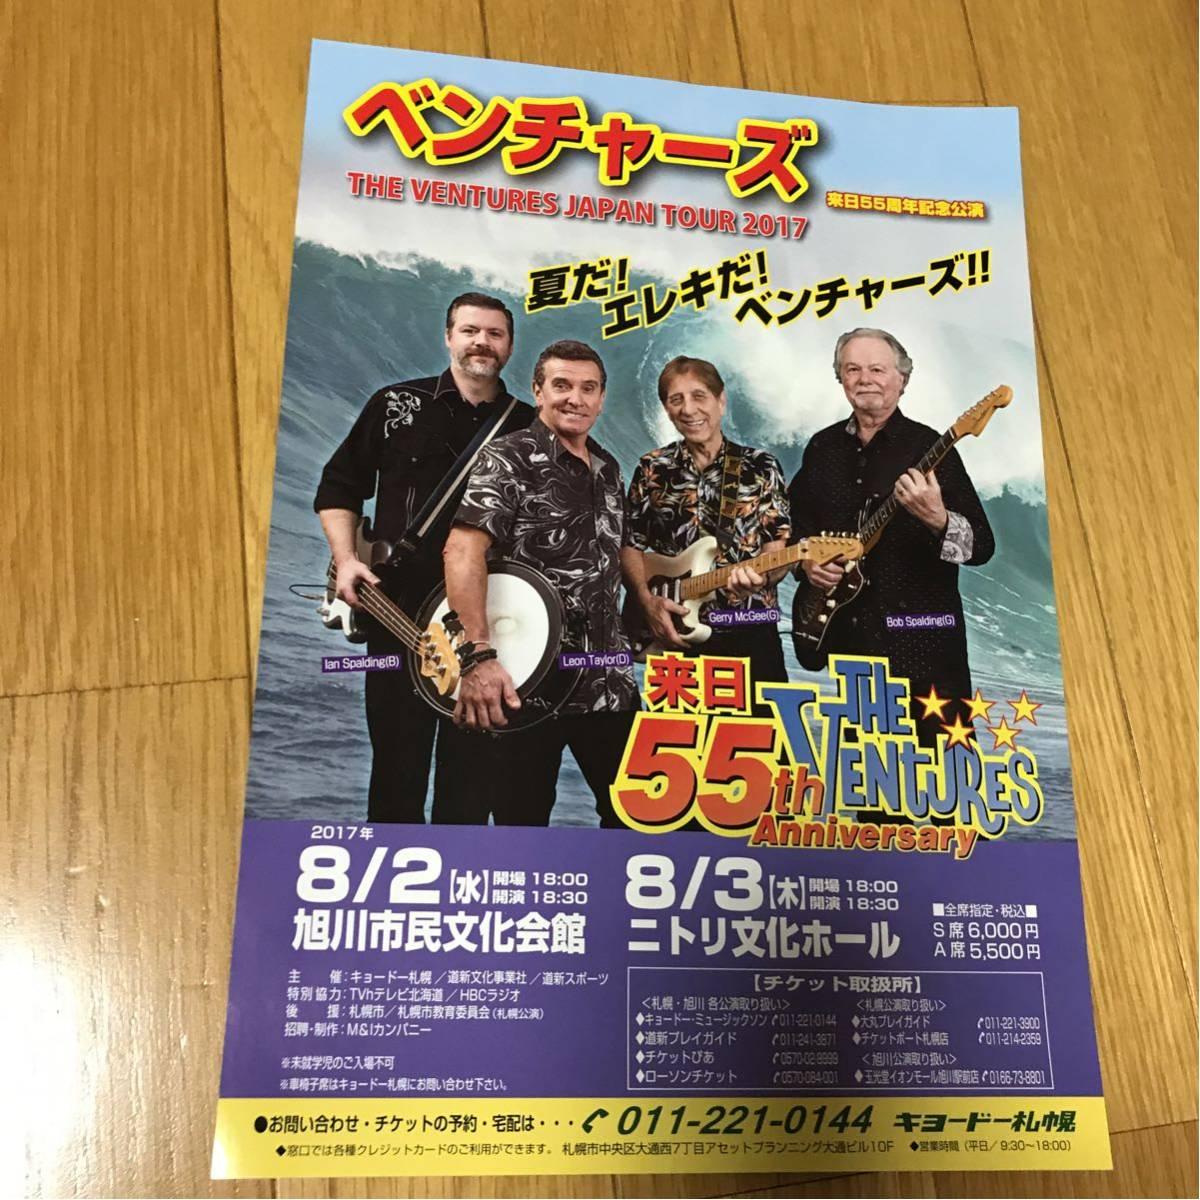 ベンチャーズ 2017 8北海道コンサート チラシ